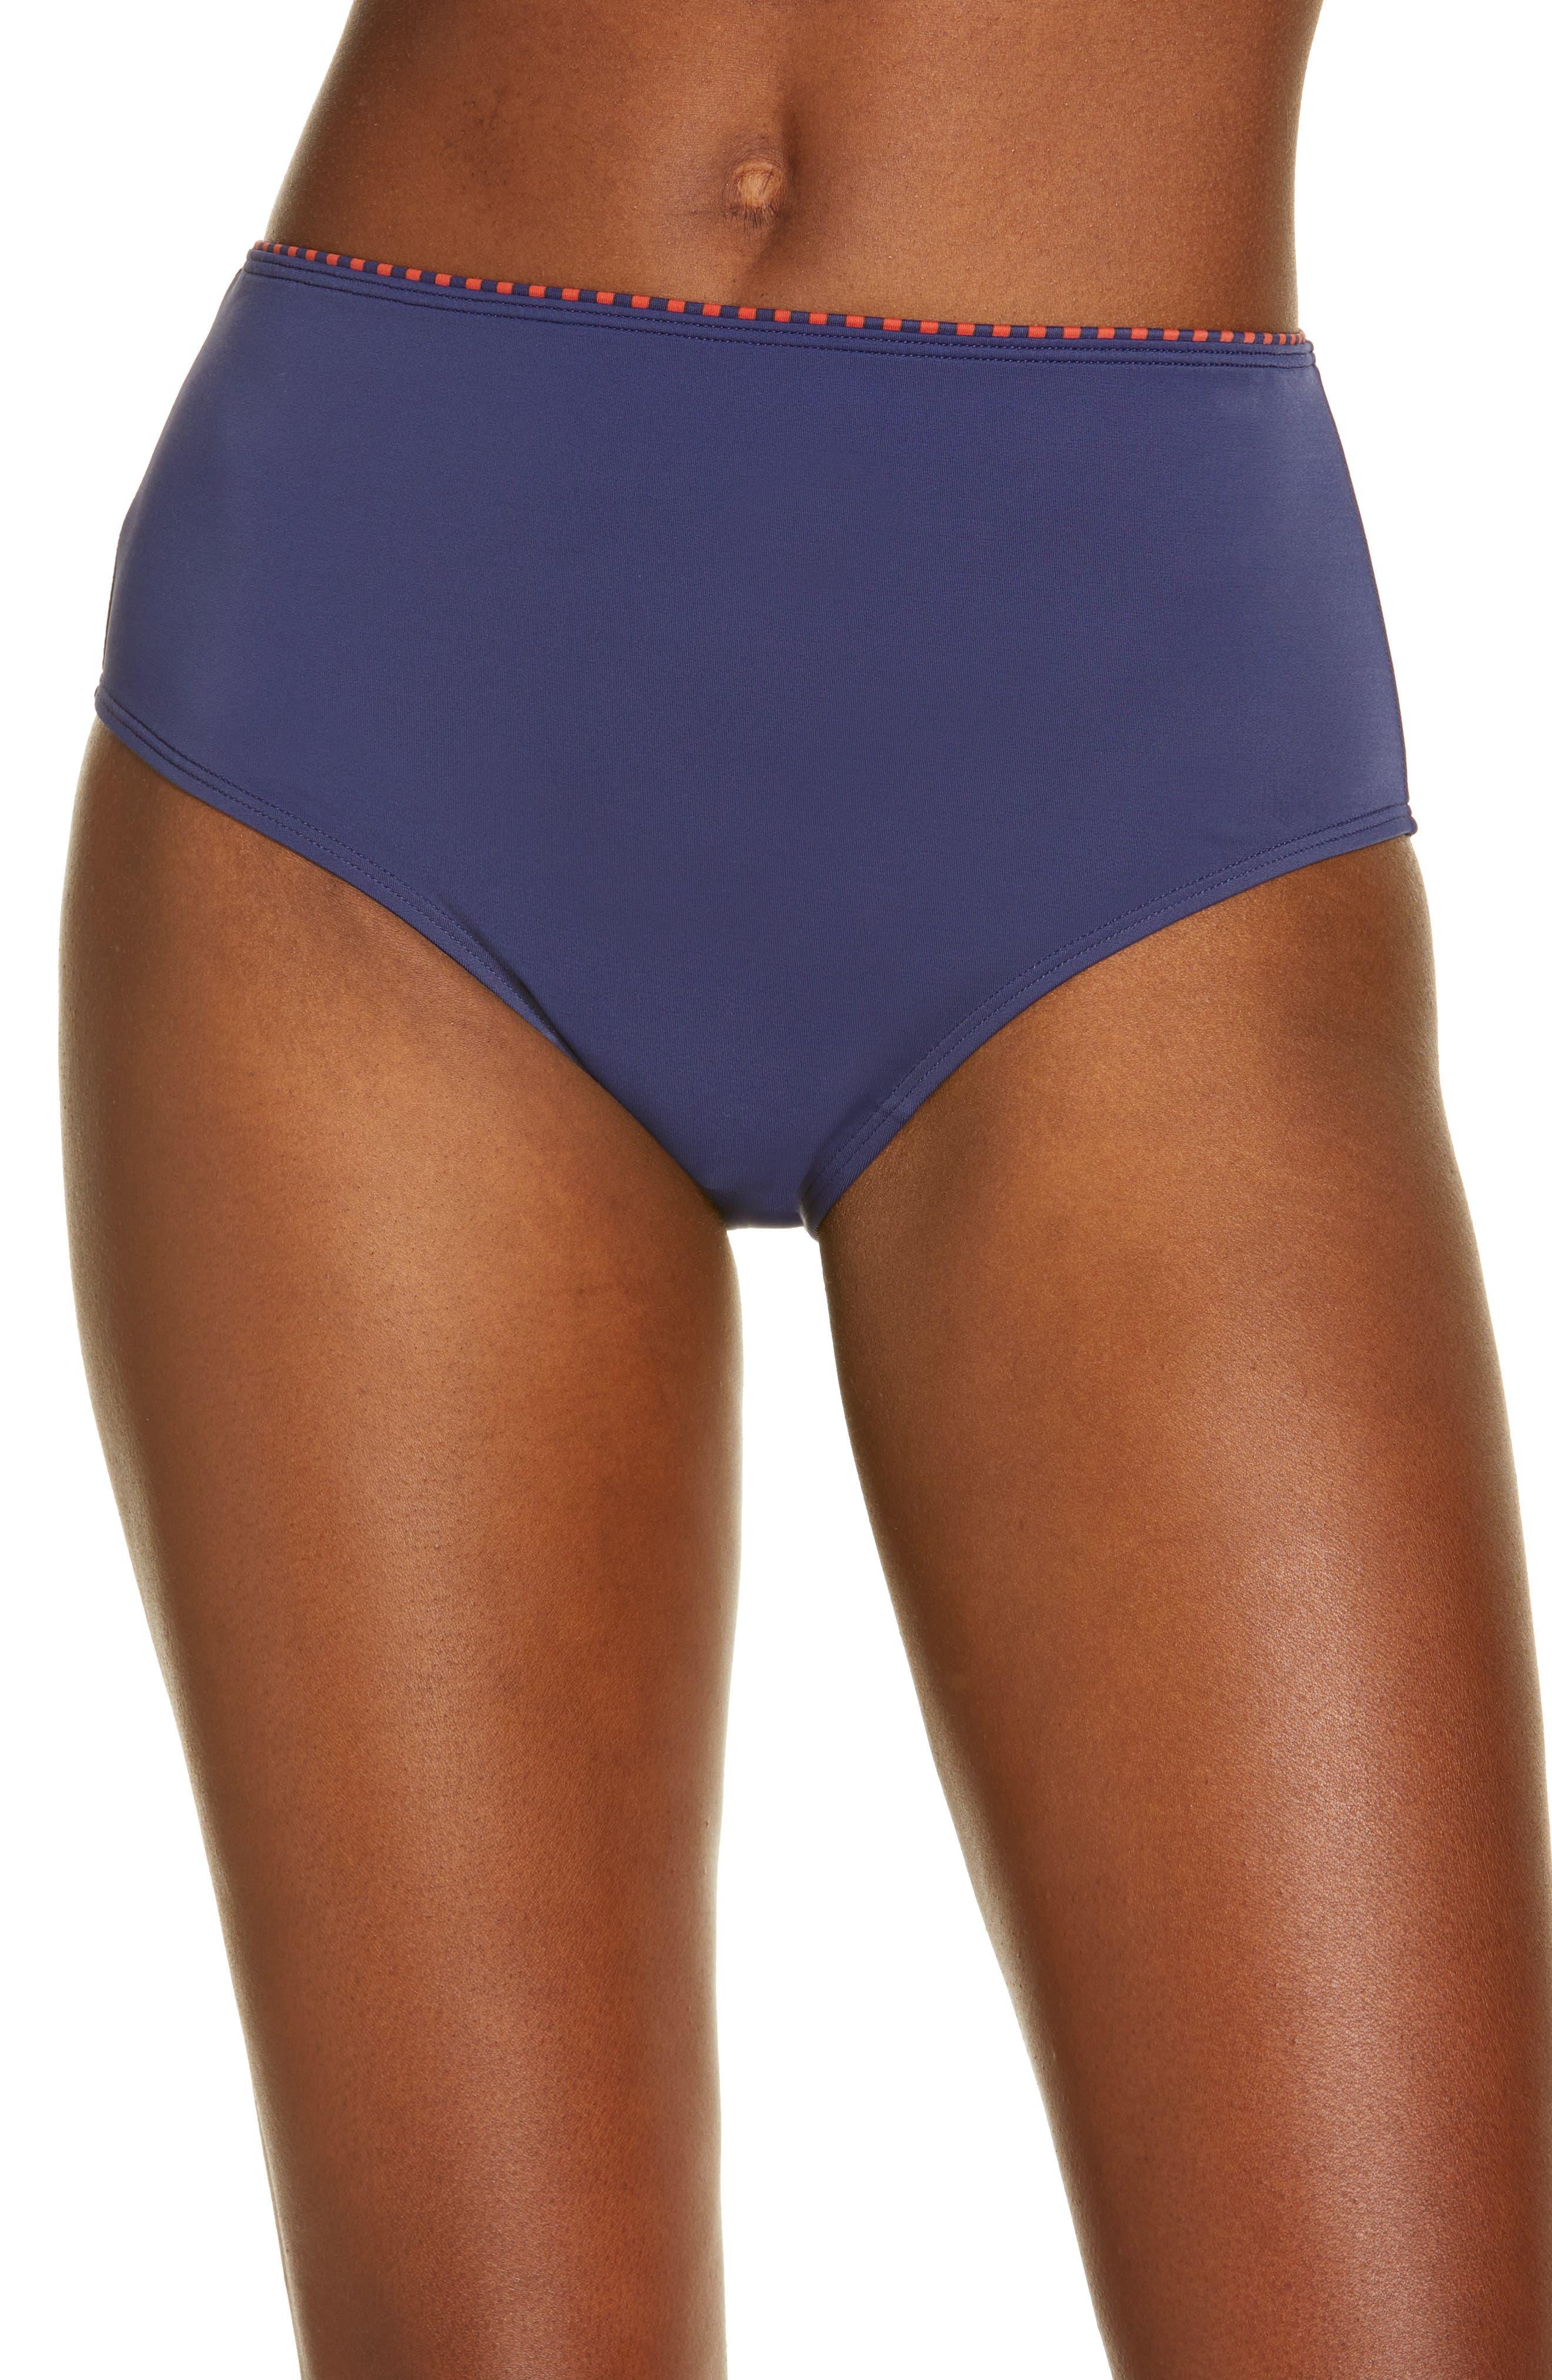 Alabama High Waist Bikini Bottoms